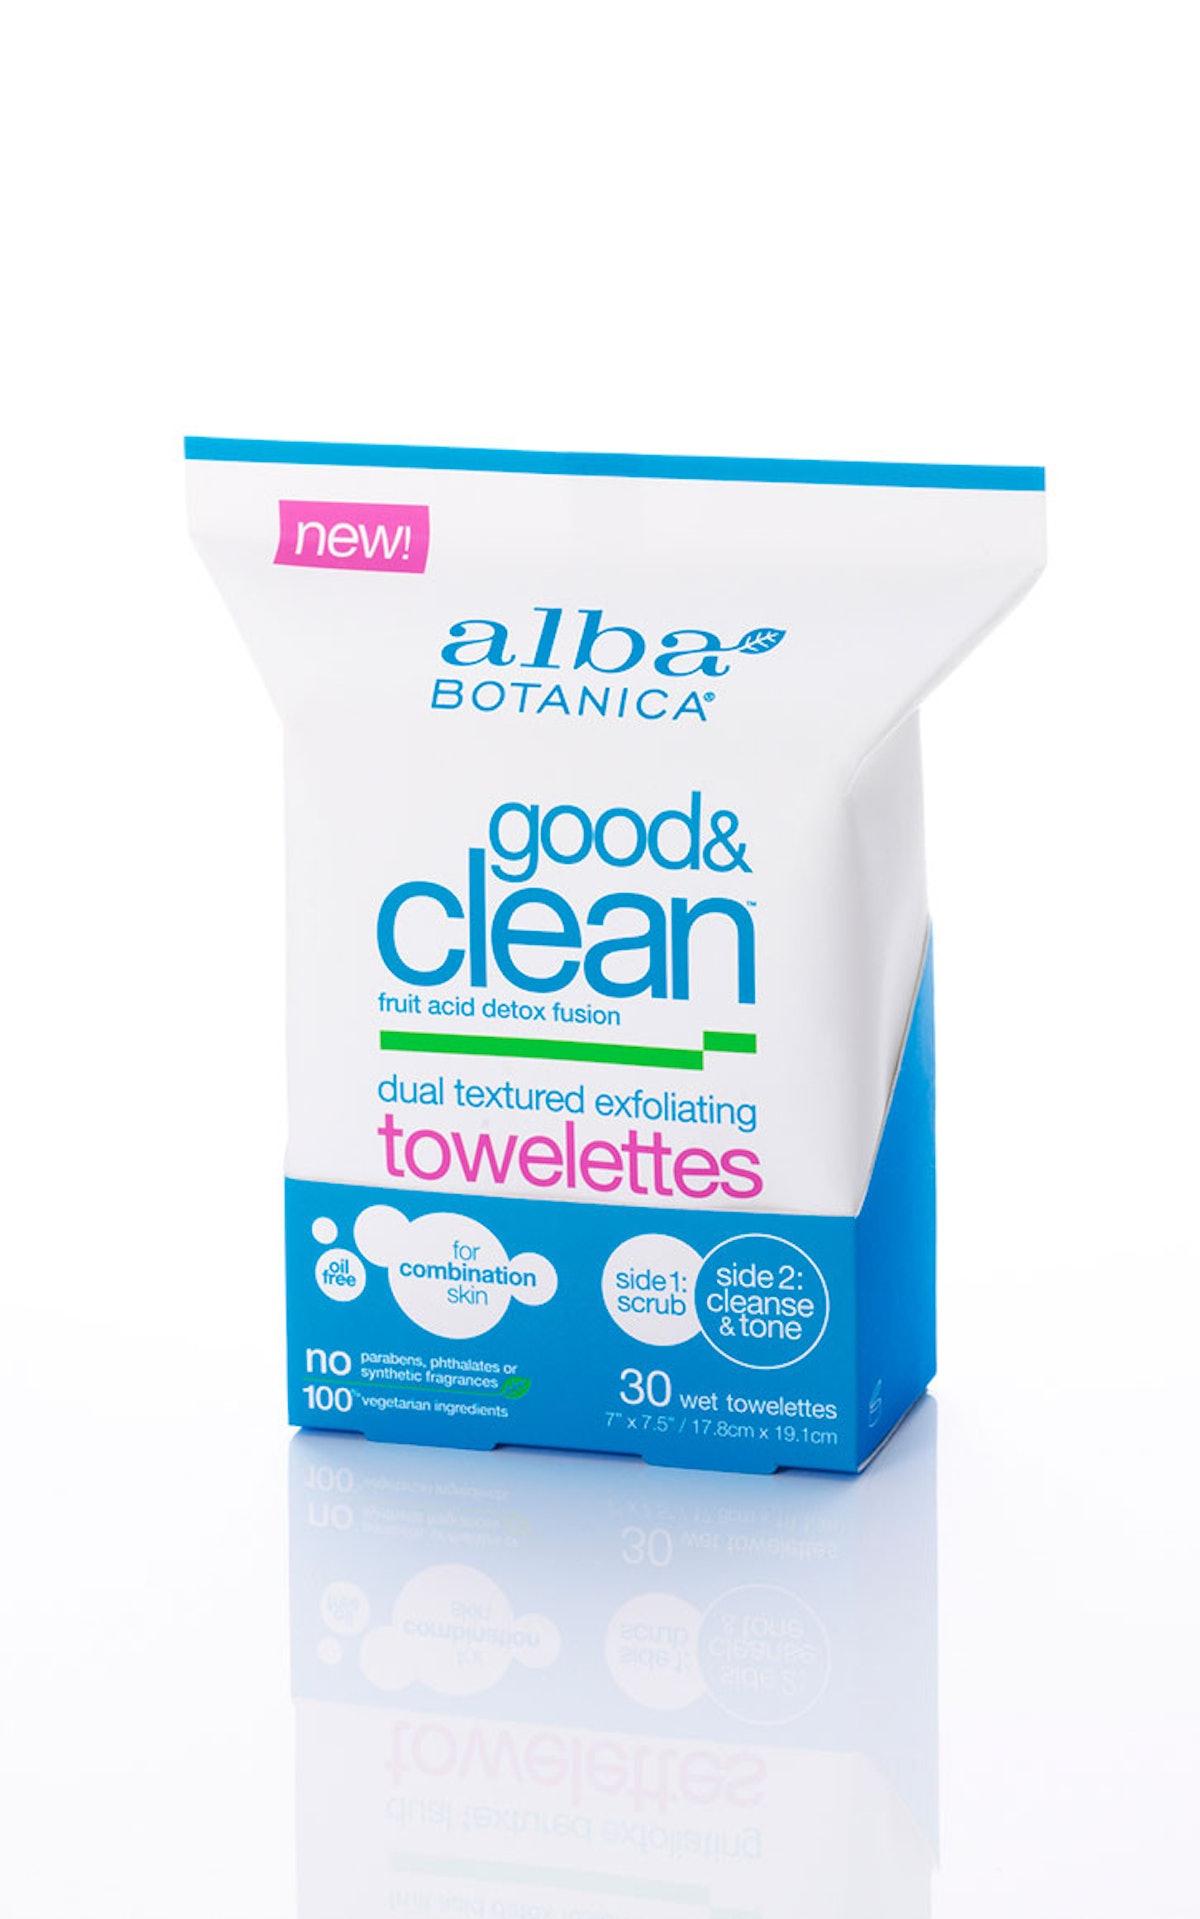 __Exfoliator:__ Alba Botanica Good & Clean Dual Textured Exfoliating Towelettes, $7, [albabotanica.c...